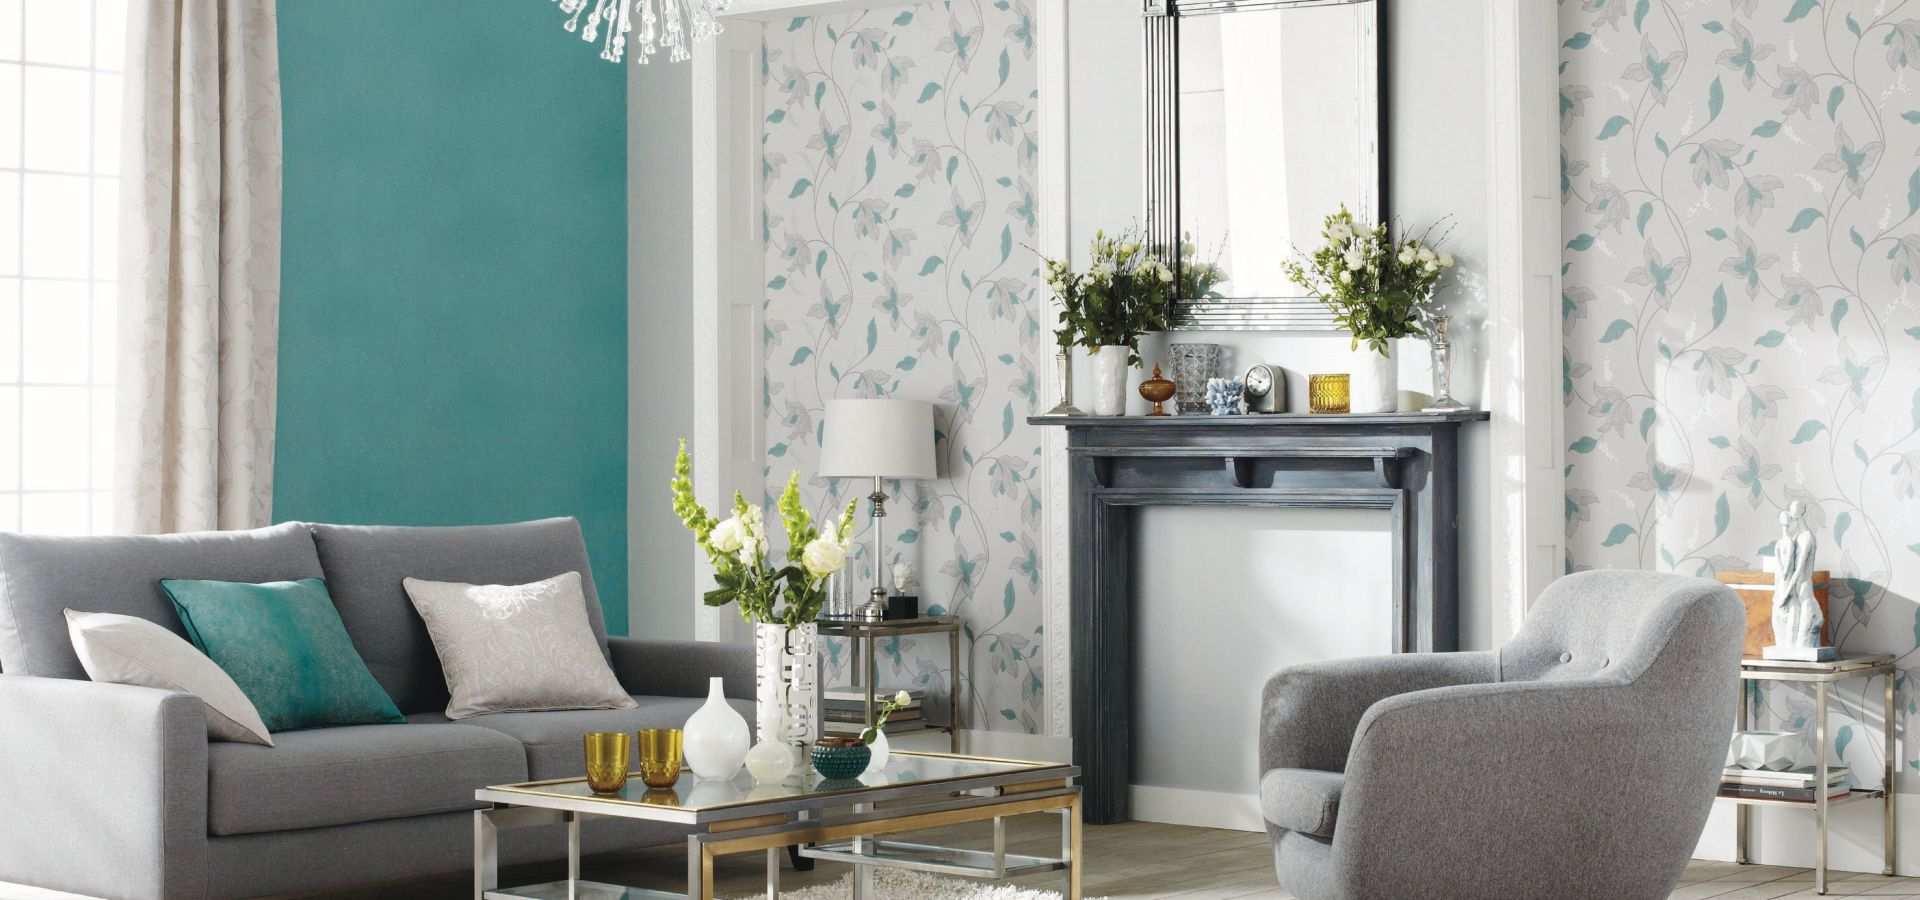 Bild Tapete Wohnzimmer mint weiß